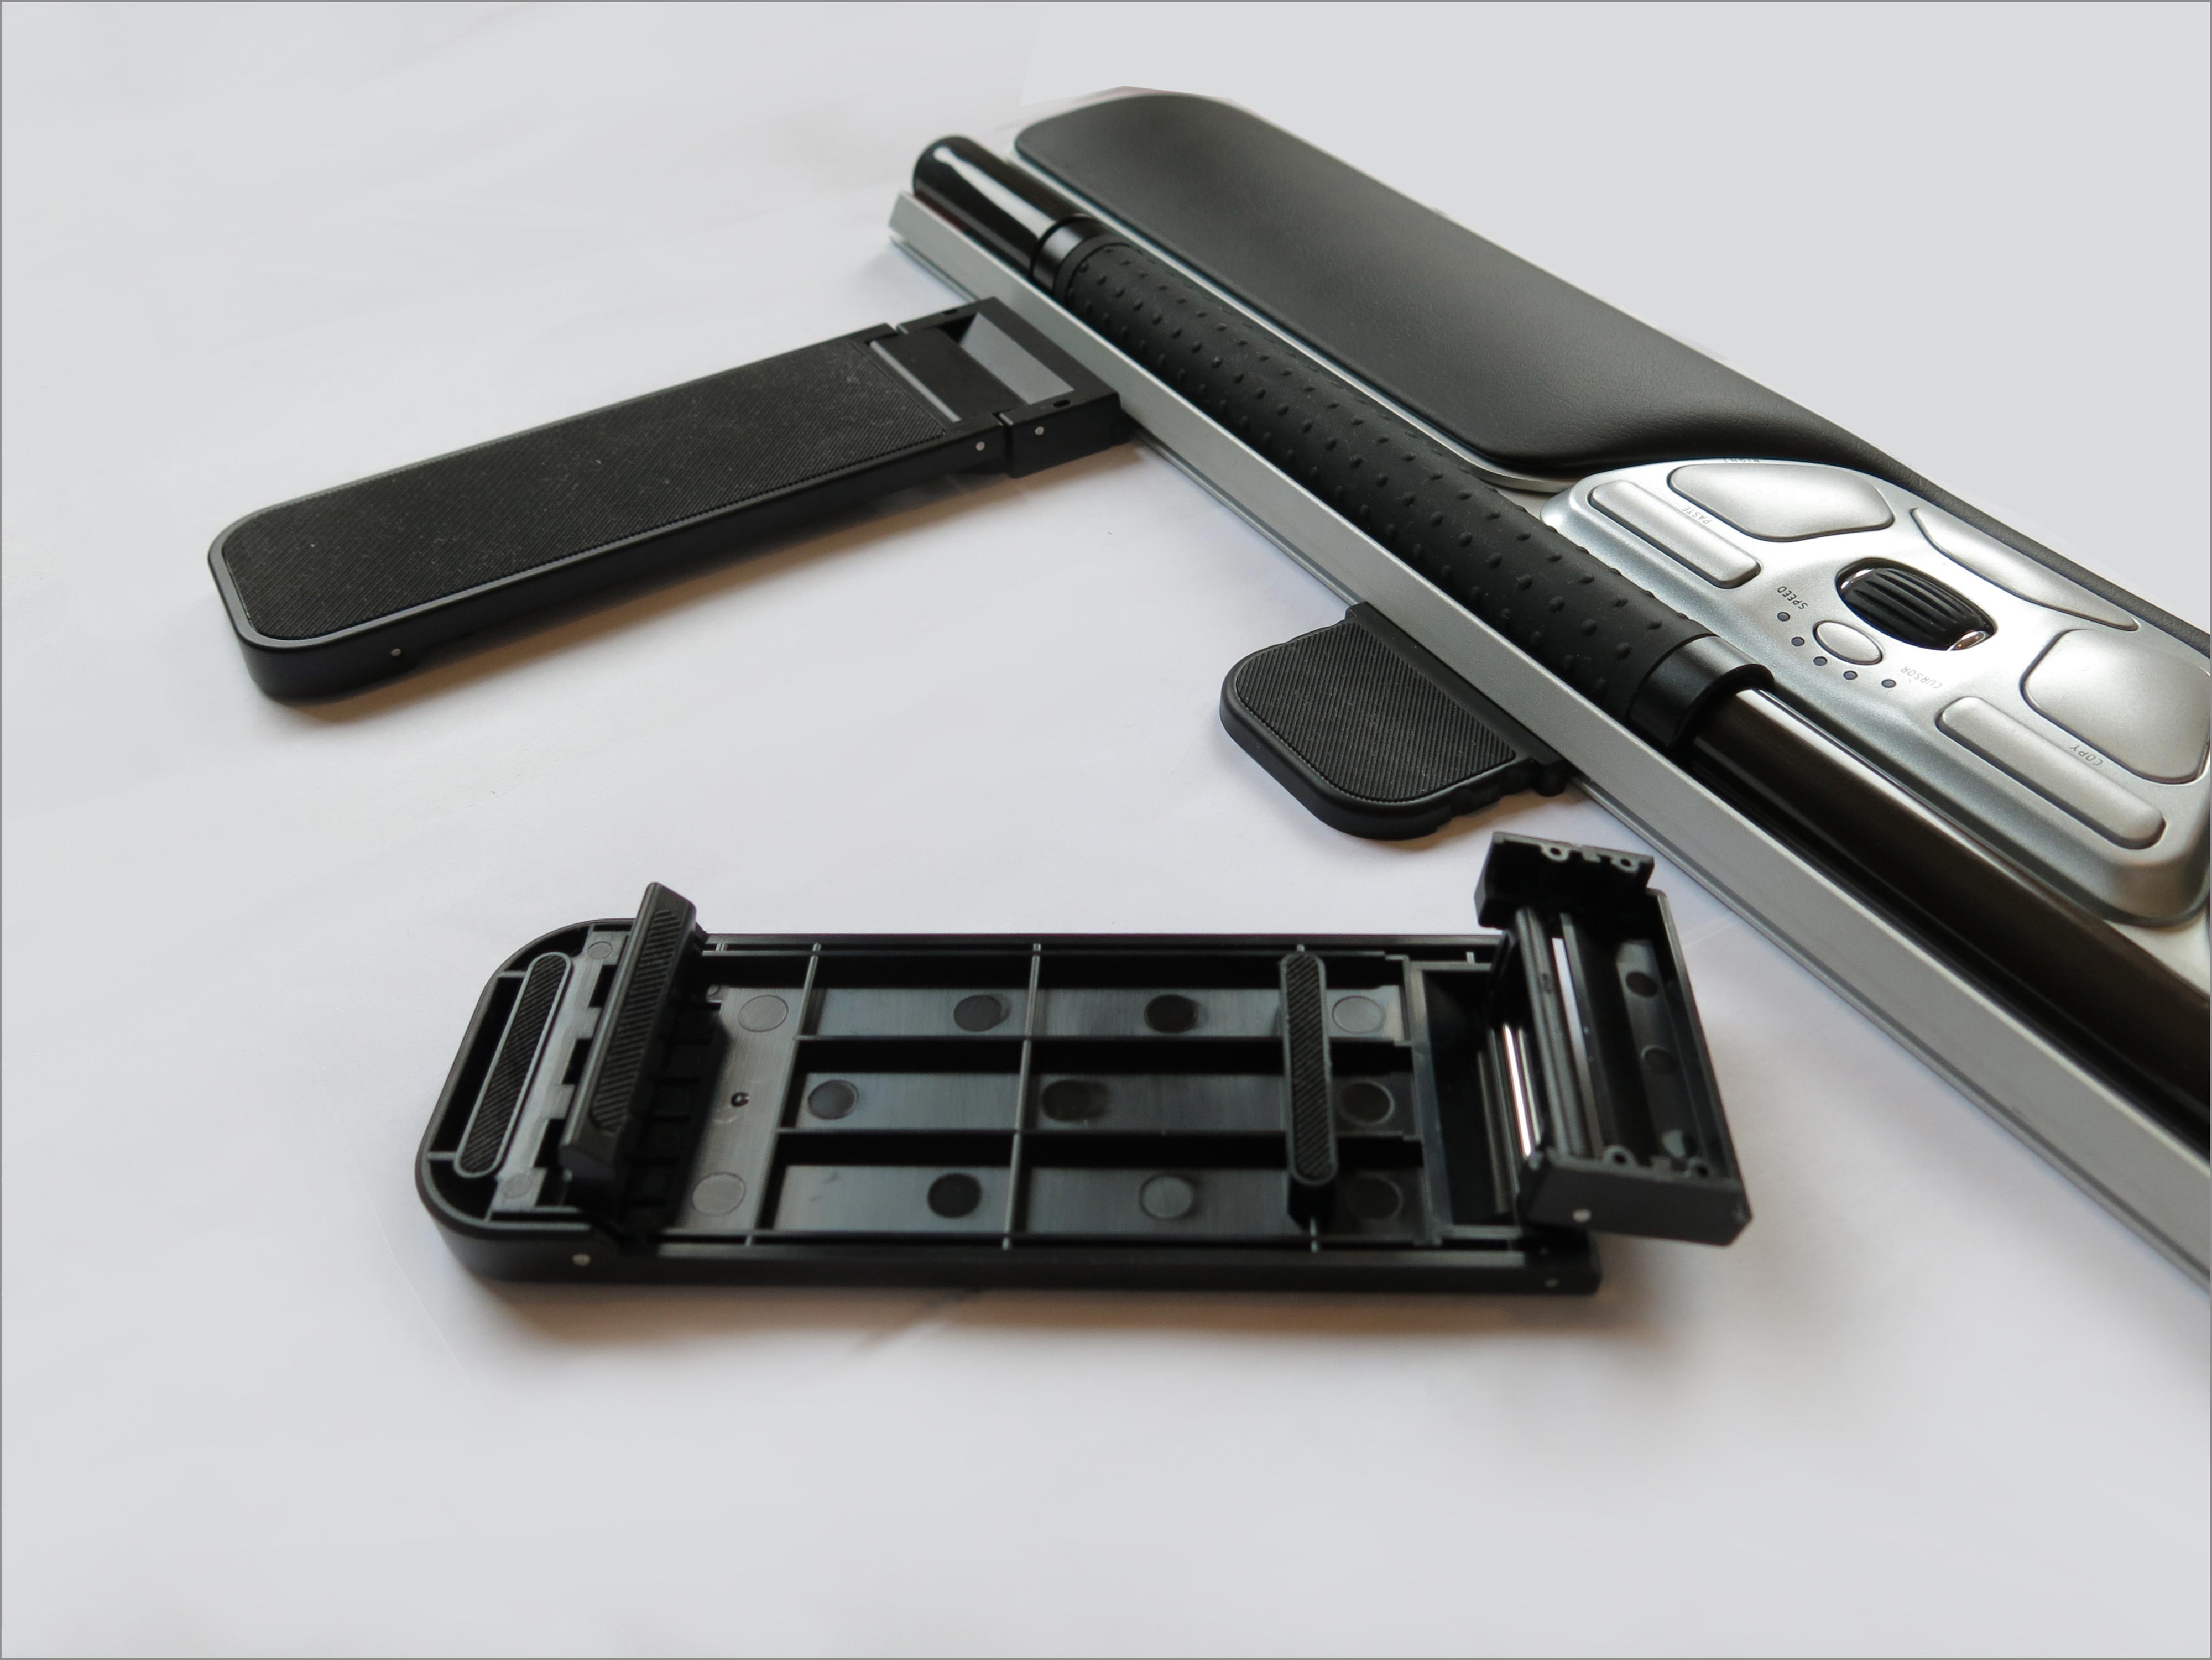 Du kan velge hvilken høyde og lengde du vil ha på festestykkene, slik at tastaturet kommer i rett høyde i forhold til rullemusa.Foto: Torstein Sørnes, Hardware.no